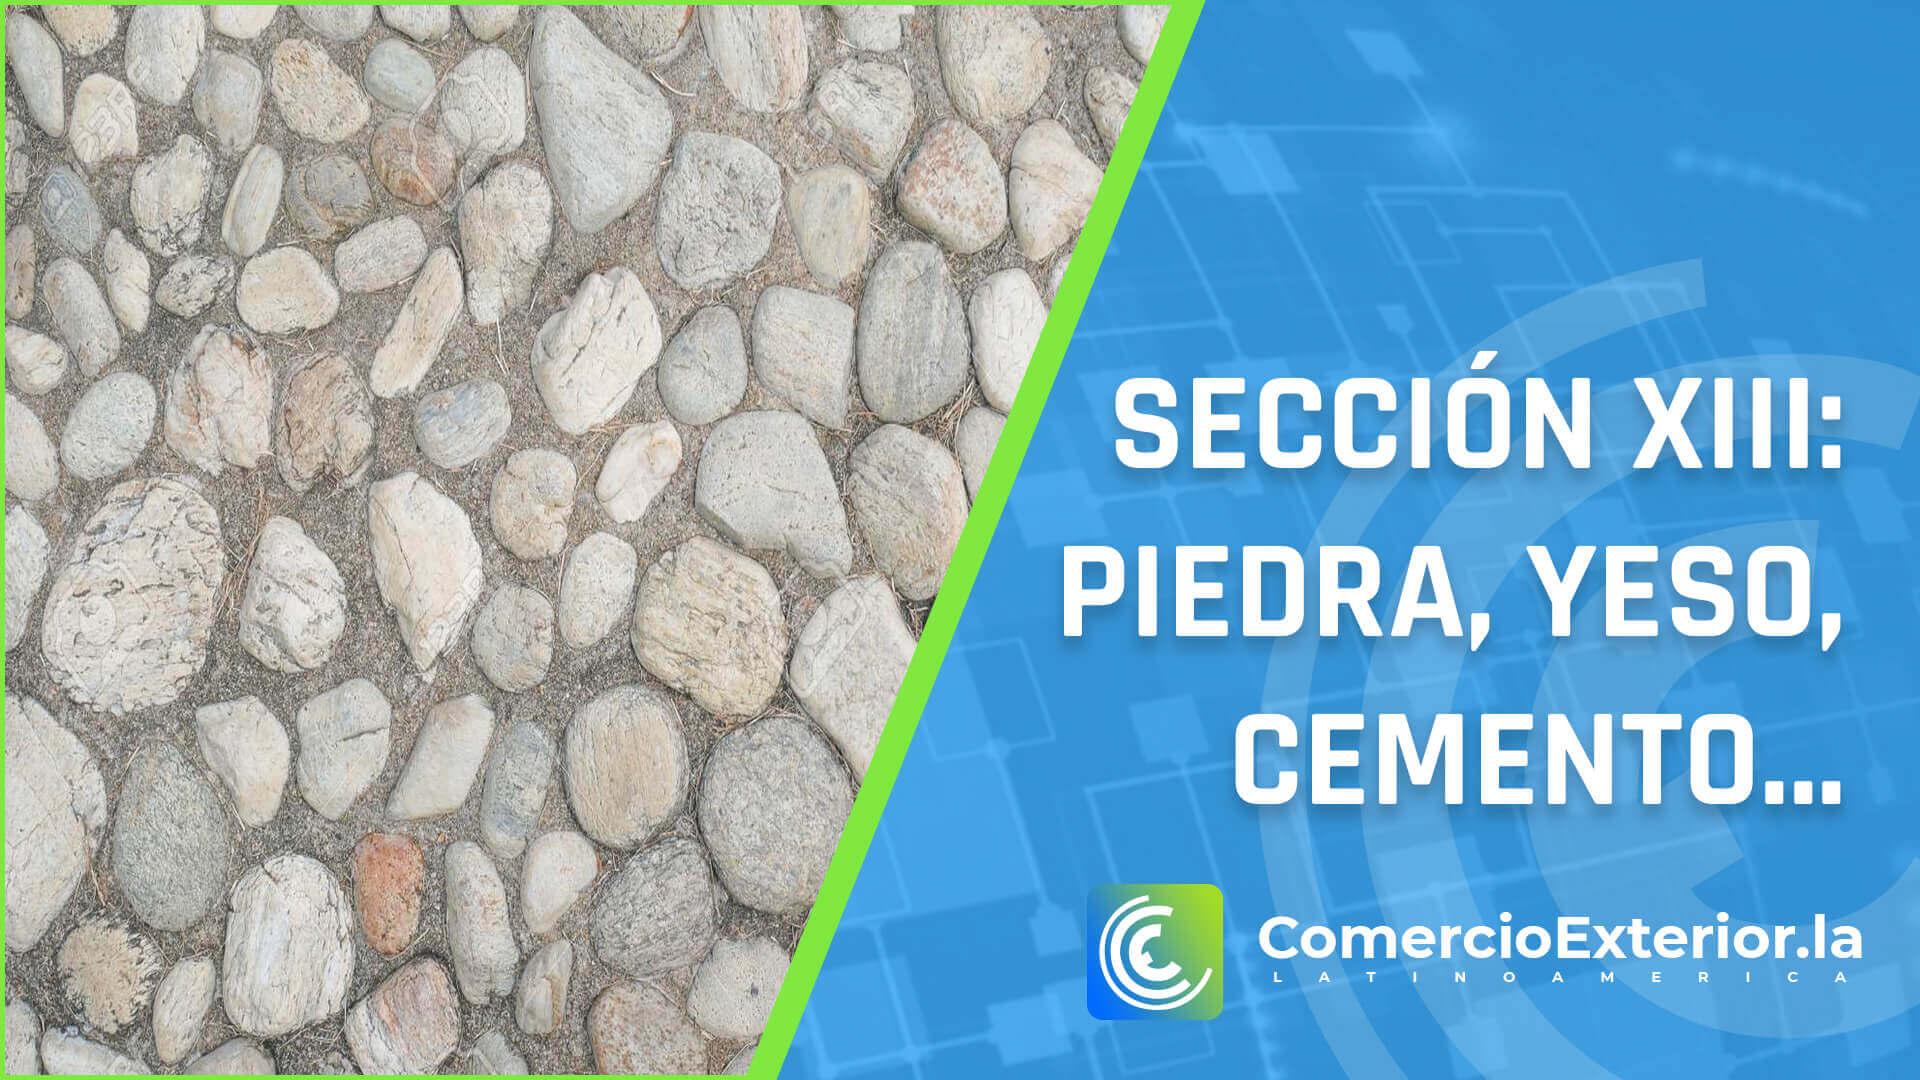 Partida arancelaria - Manufacturas de piedra, yeso fraguable, cemento, amianto, mica o materias análogas